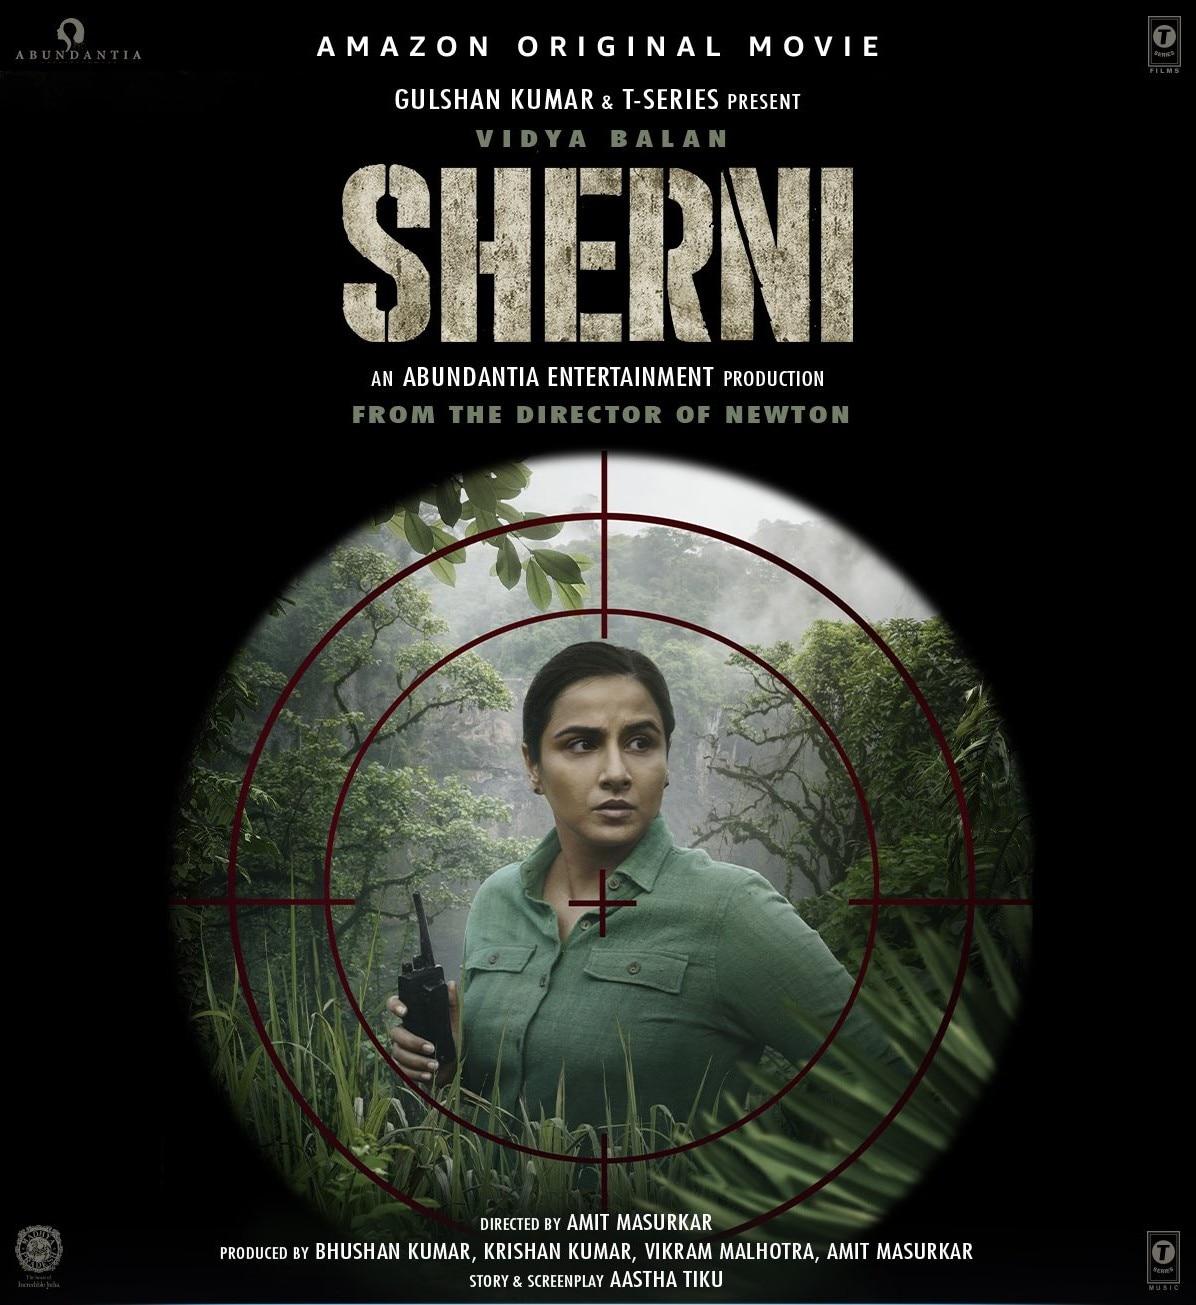 फिल्म 'शेरनी' का पोस्टर.